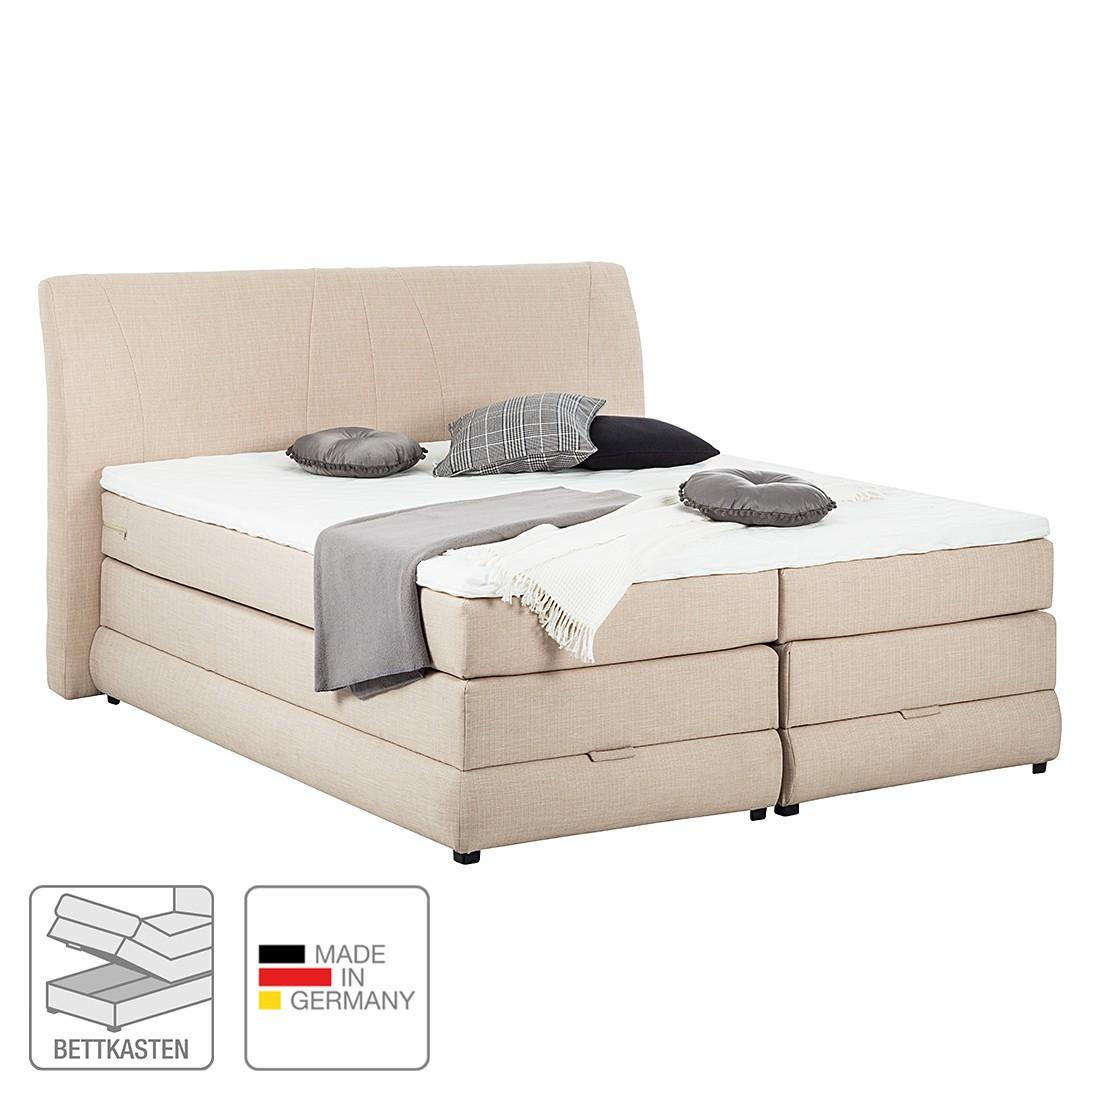 Boxspringbett Savoy – inklusive Topper – Webstoff – 160 x 200cm – H3 ab 80 kg – Beige, Art of Sleep jetzt kaufen